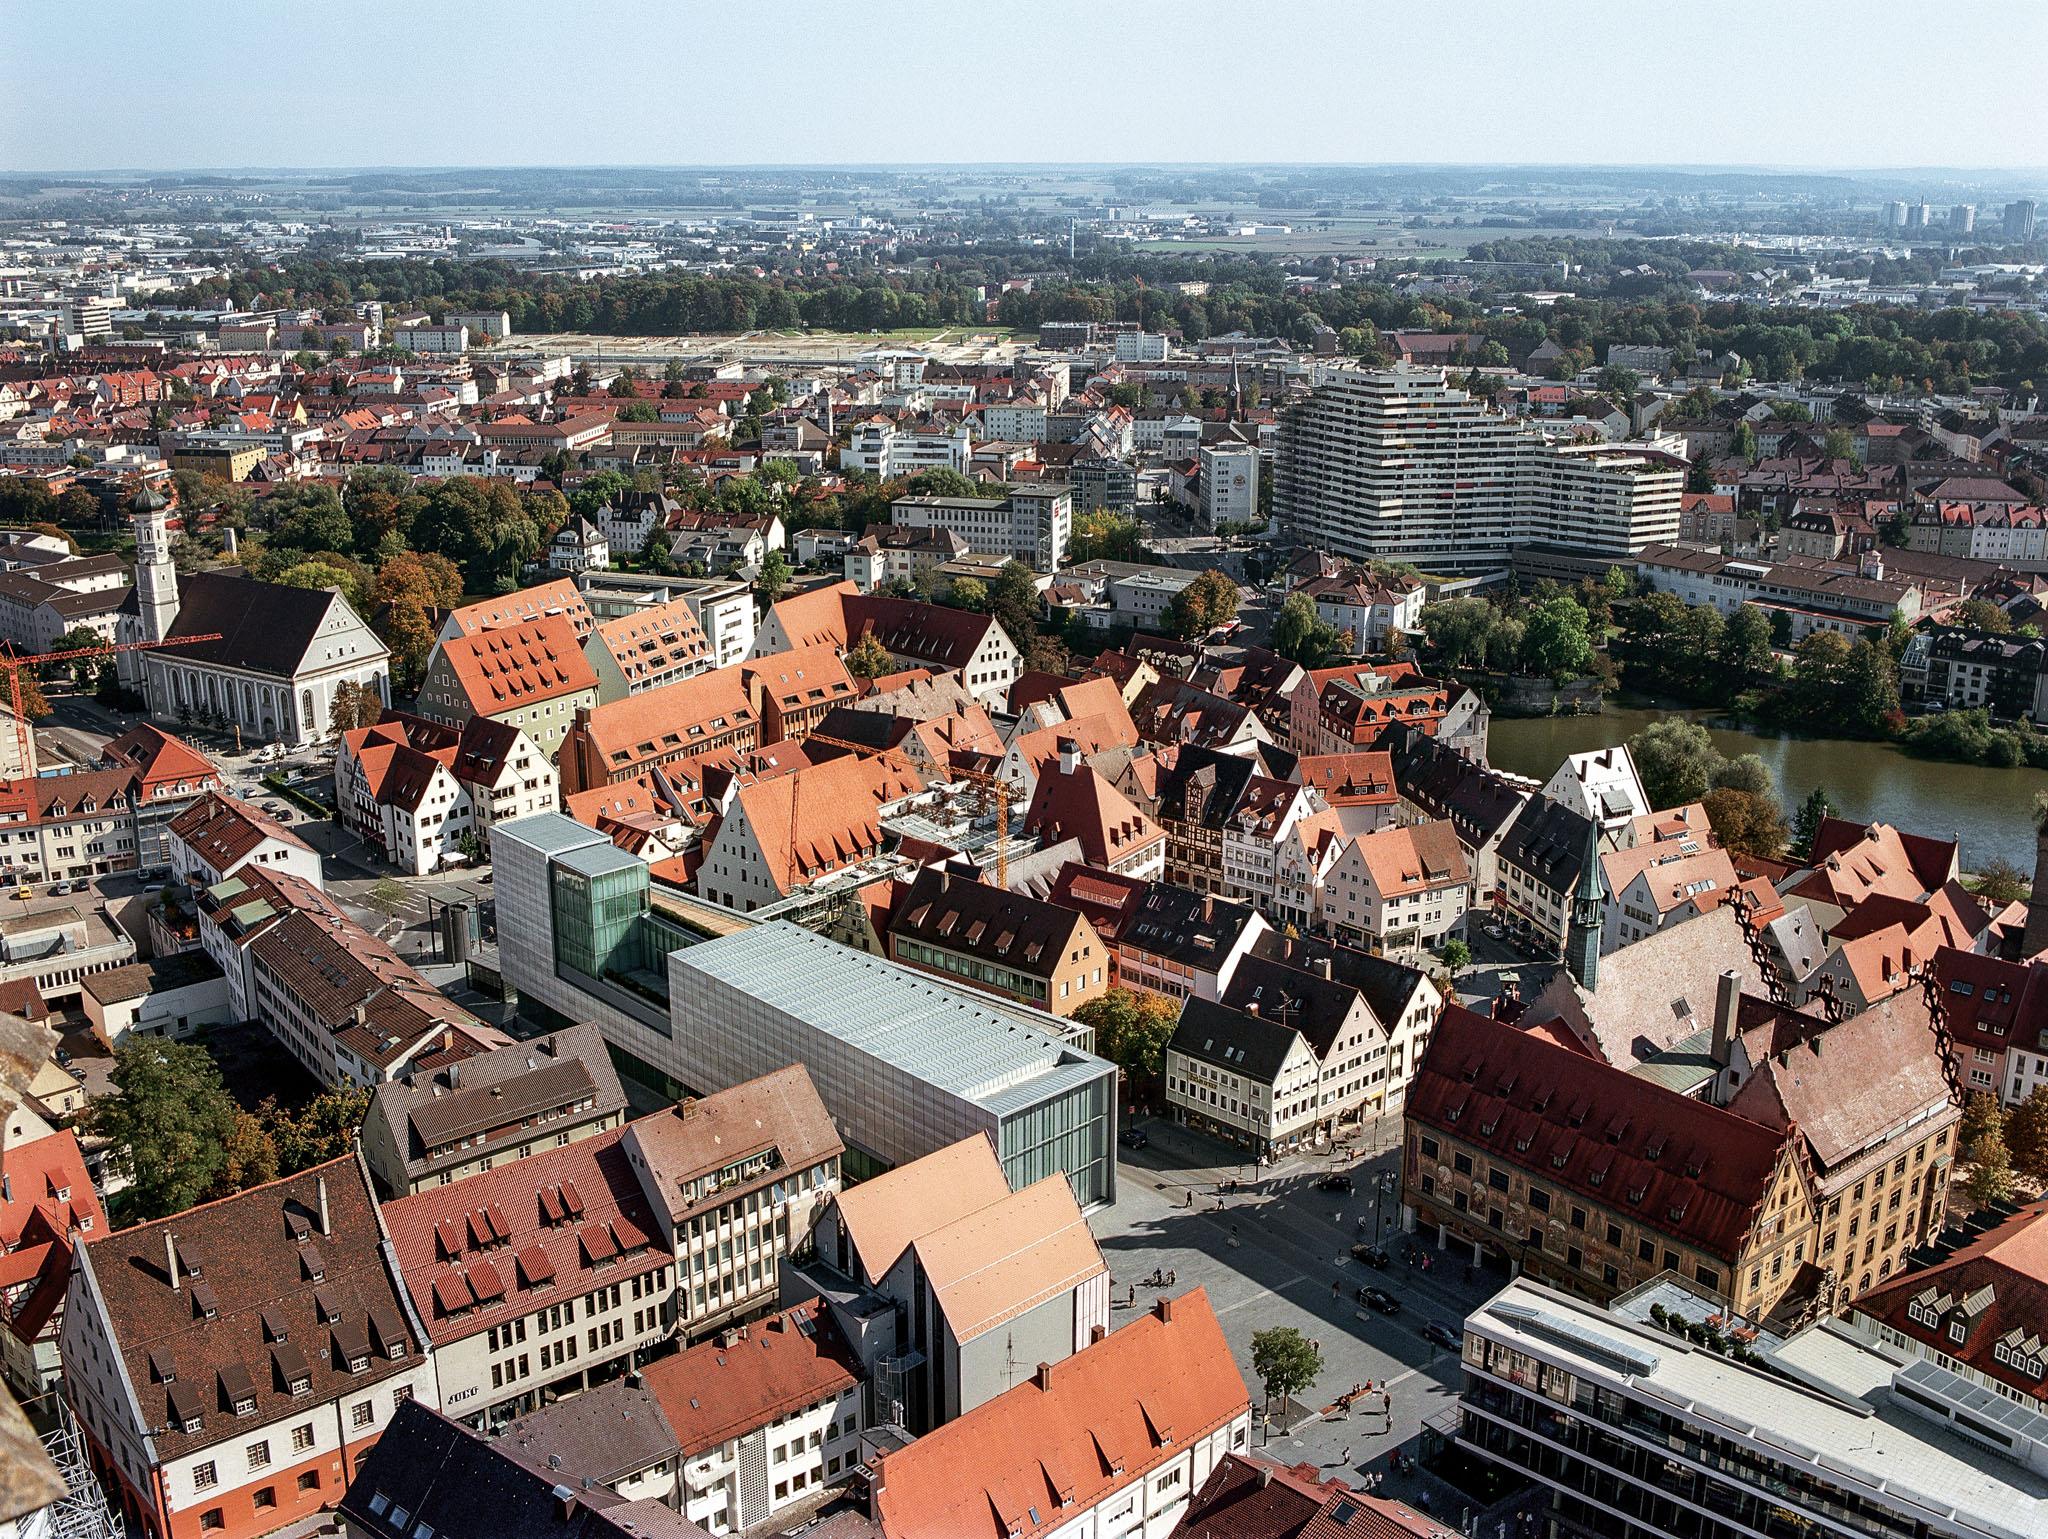 """Deutscher Städtebaupreis - DSP 2020 Sonderpreis """"Städtebau revisited"""" für Neue Mitte Ulm"""